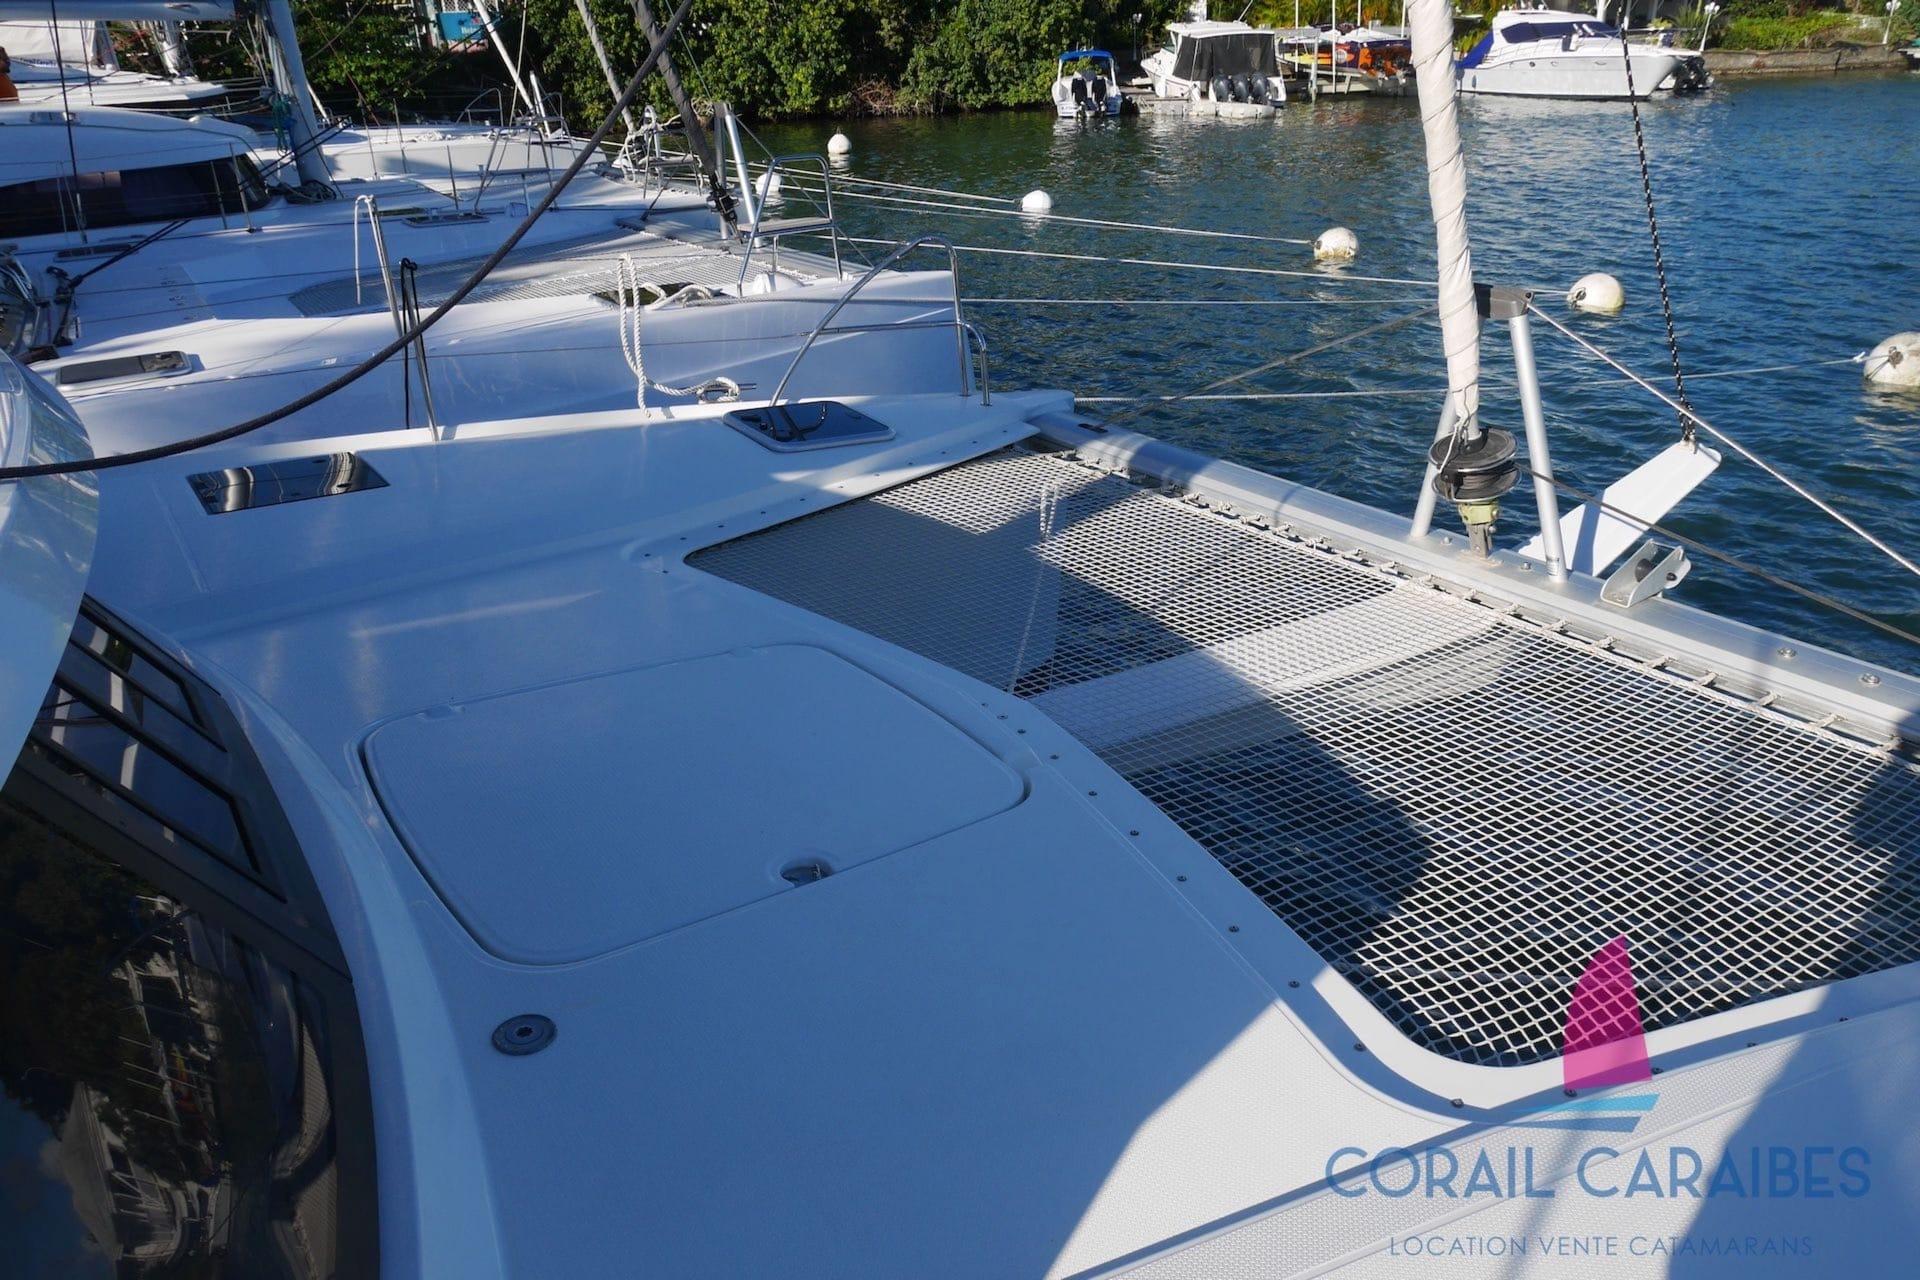 Lucia-40-Corail-Caraibes-15